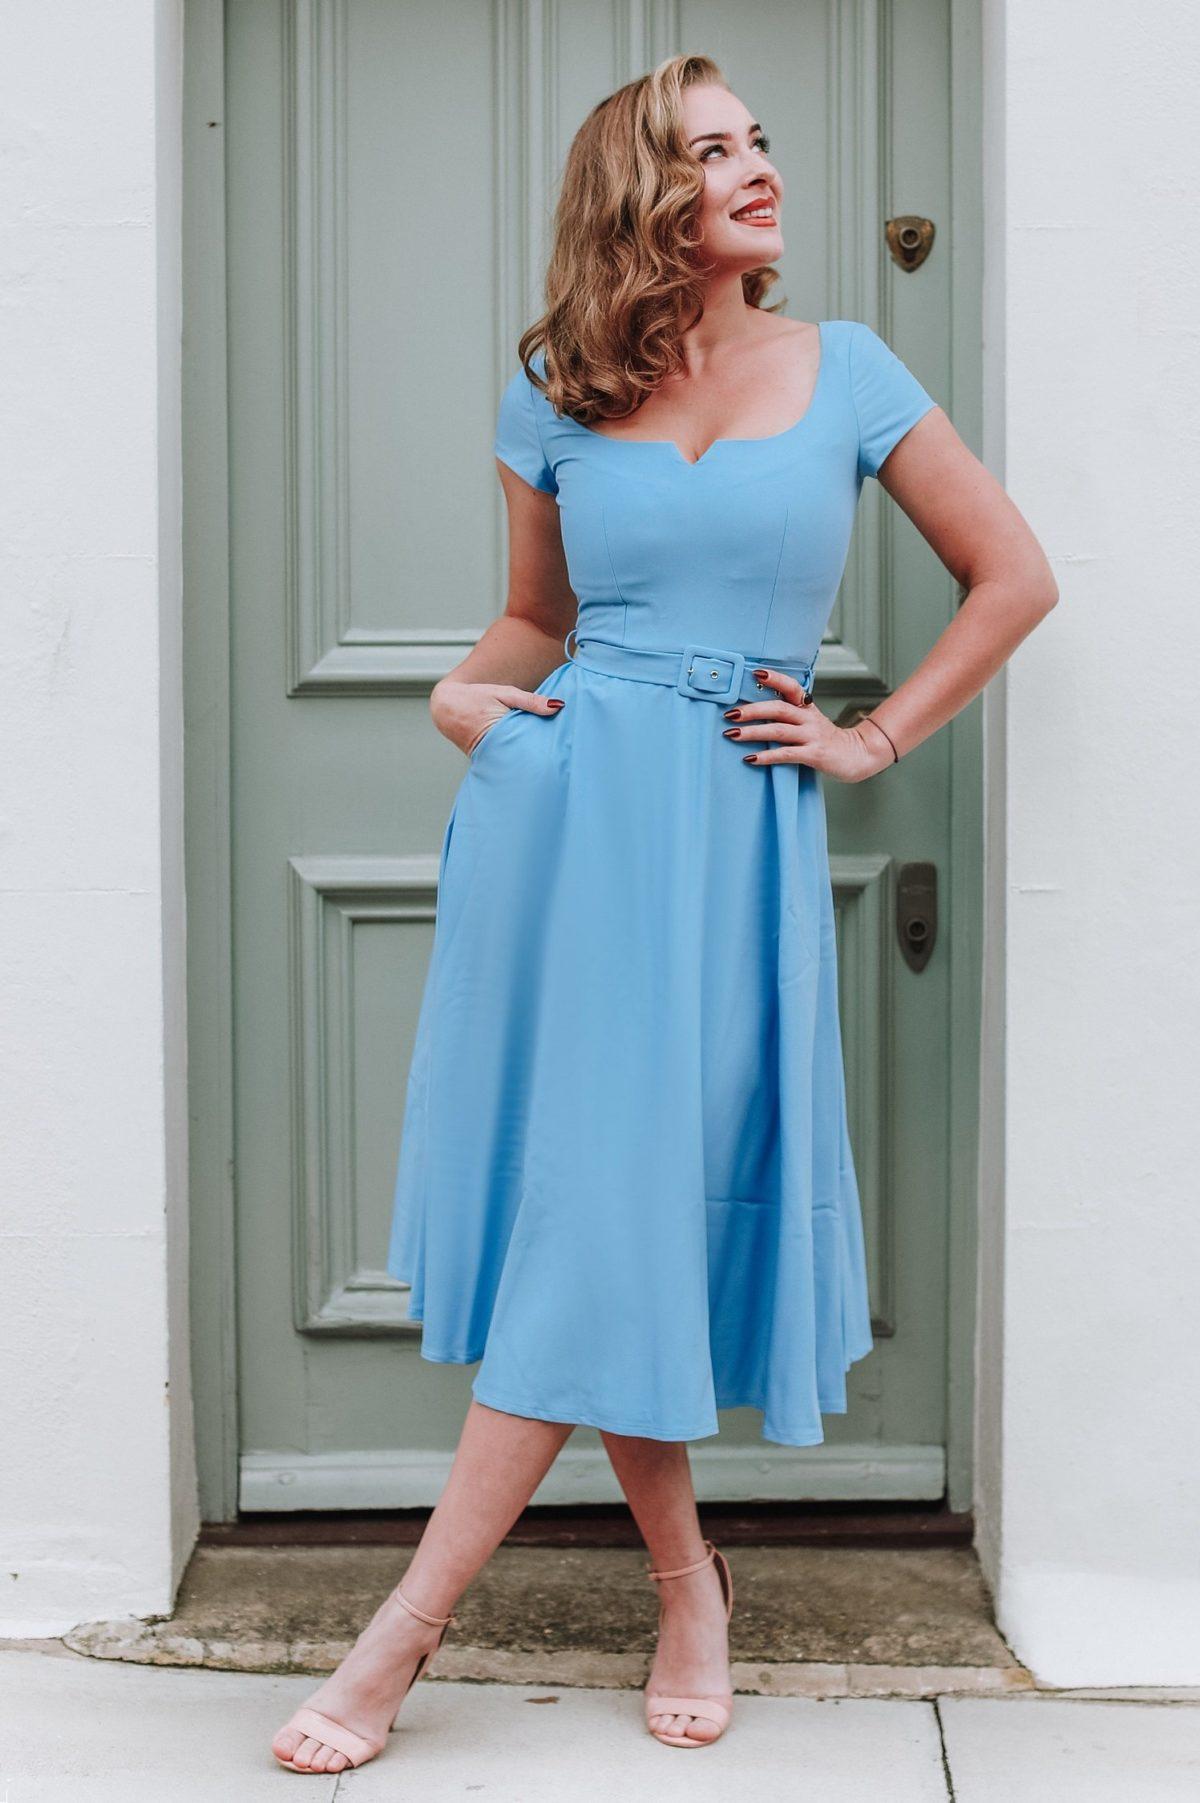 Robe évasée style vintage bleu ciel